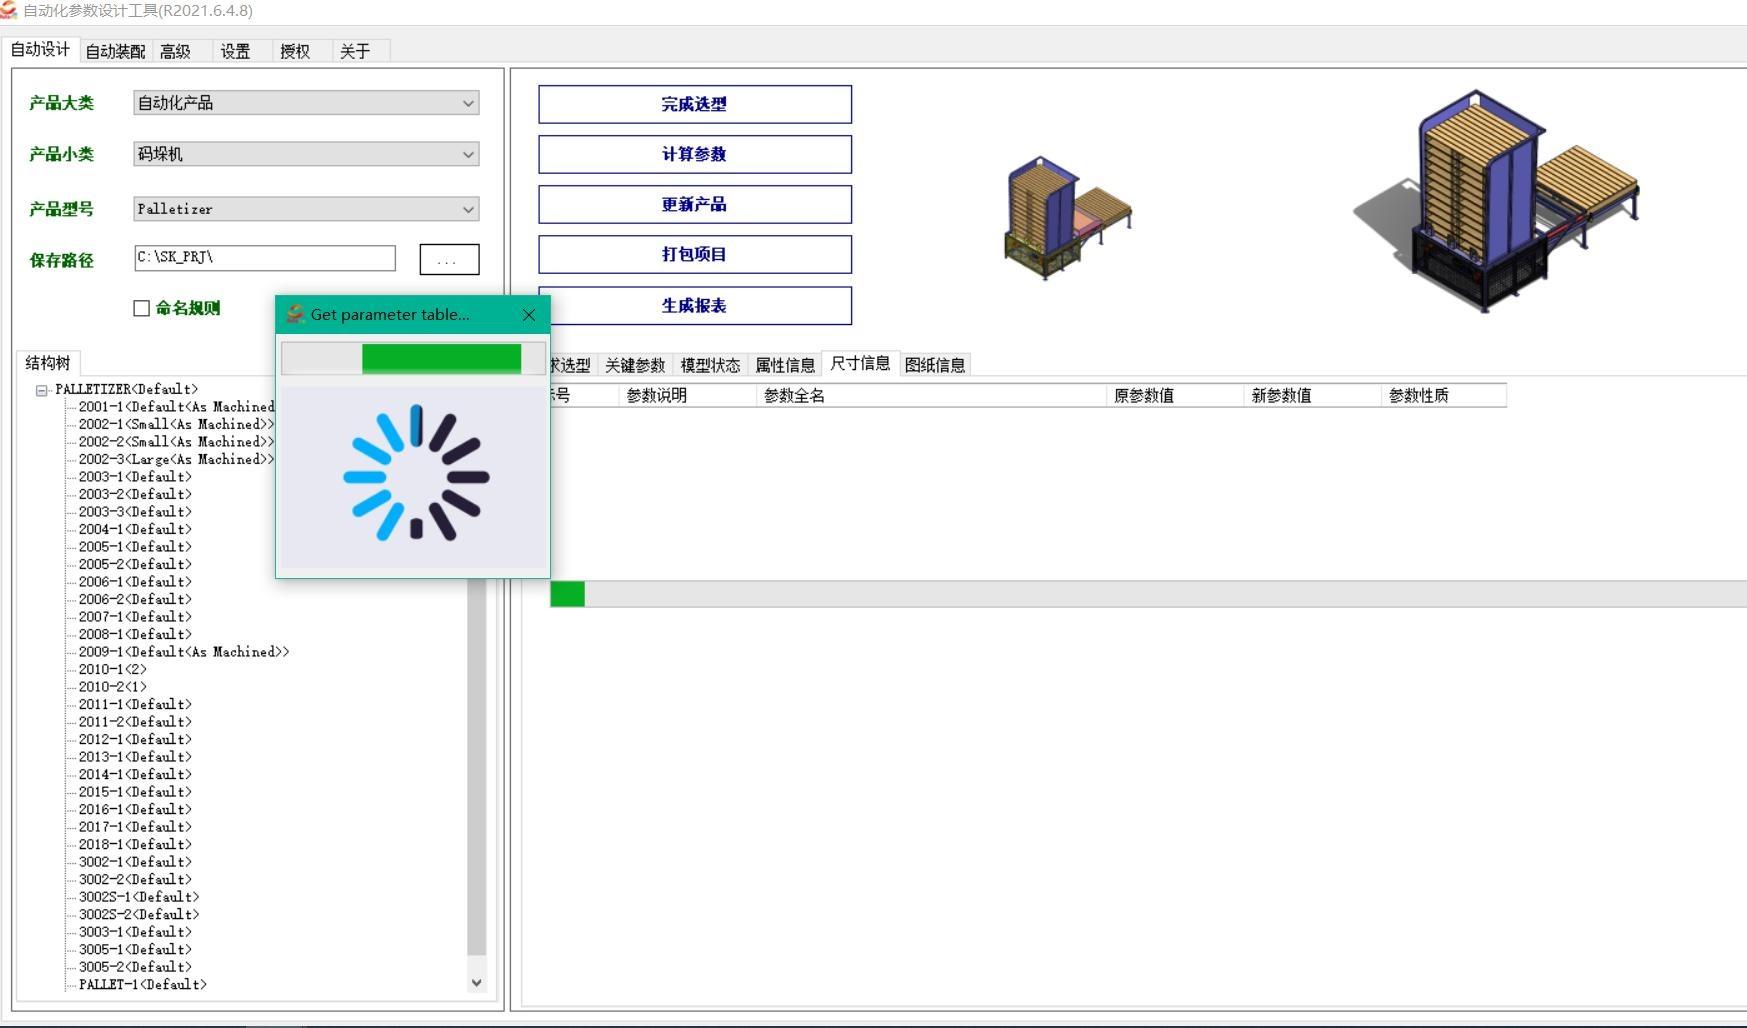 SolidKits自动化参数设计工具使用完整流程介绍